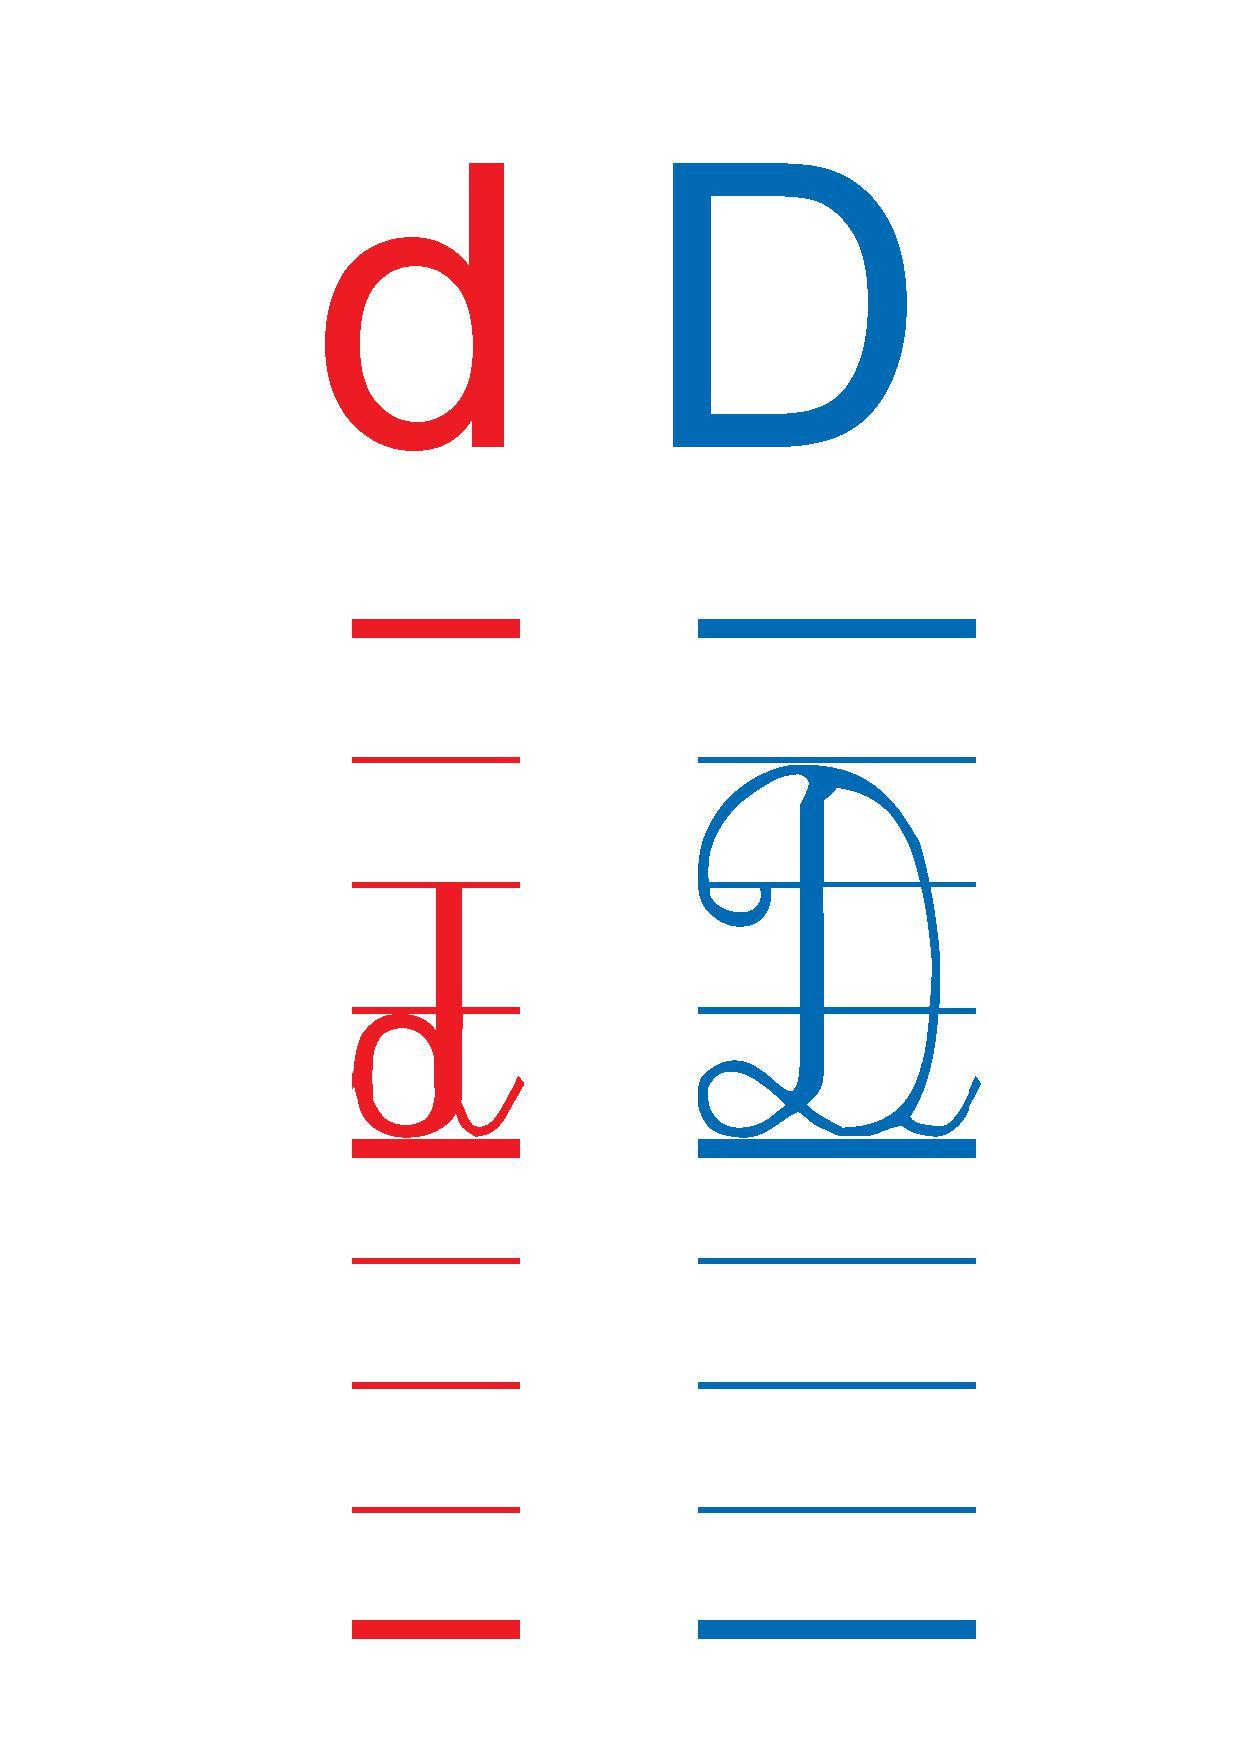 Affiches Des Lettres De L'alphabet Cp,ce1, Les Lettres En avec L Alphabet En Majuscule